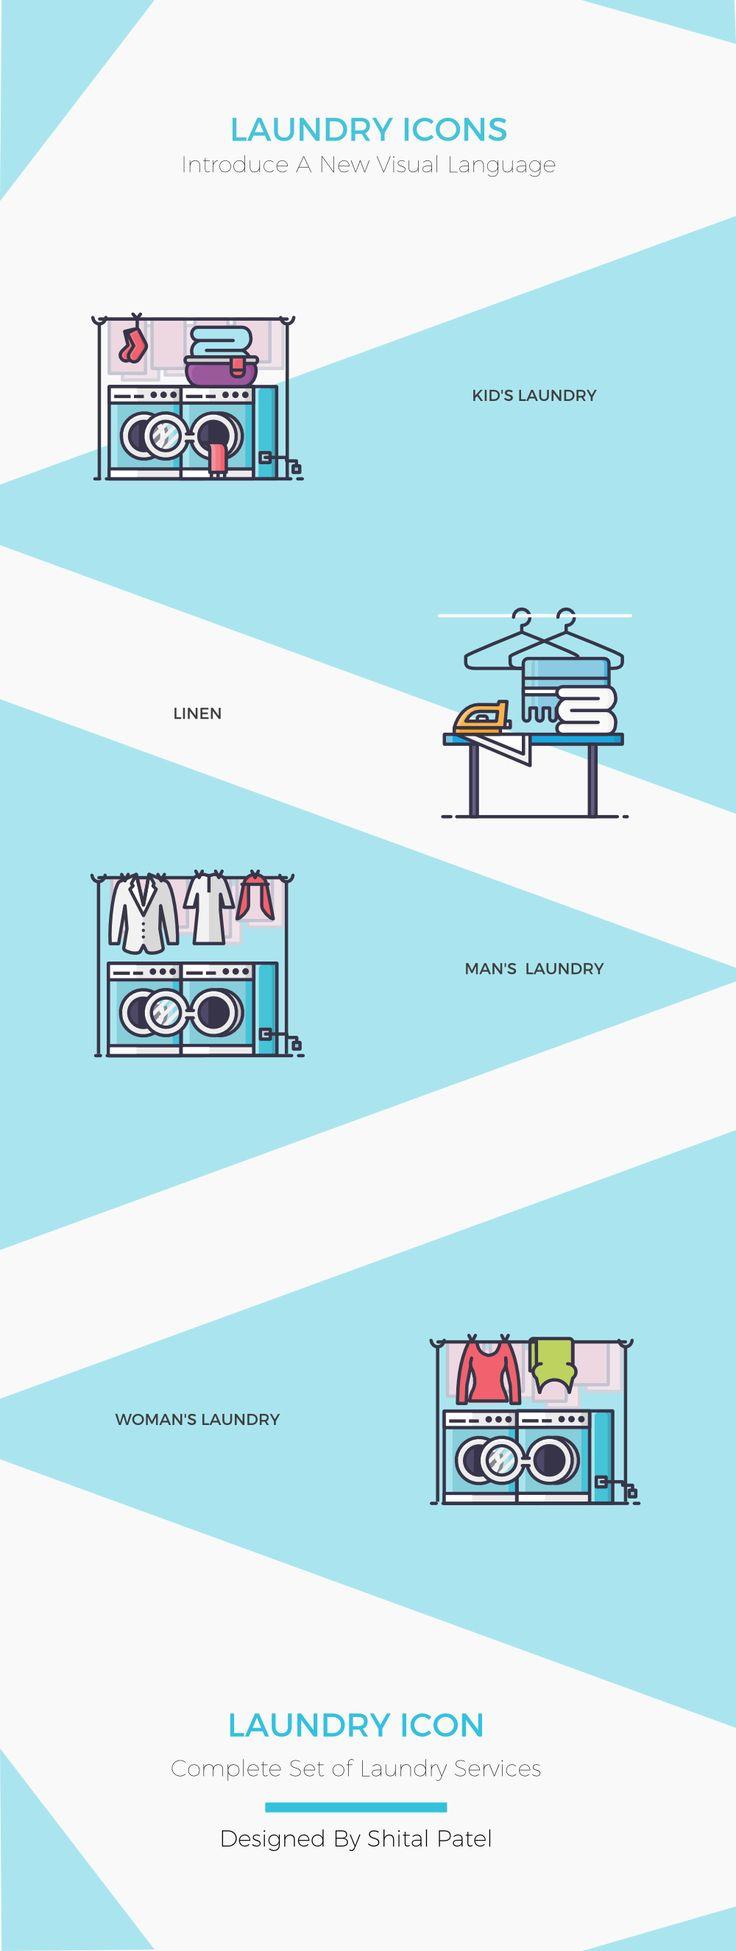 Laundry icons on Behance